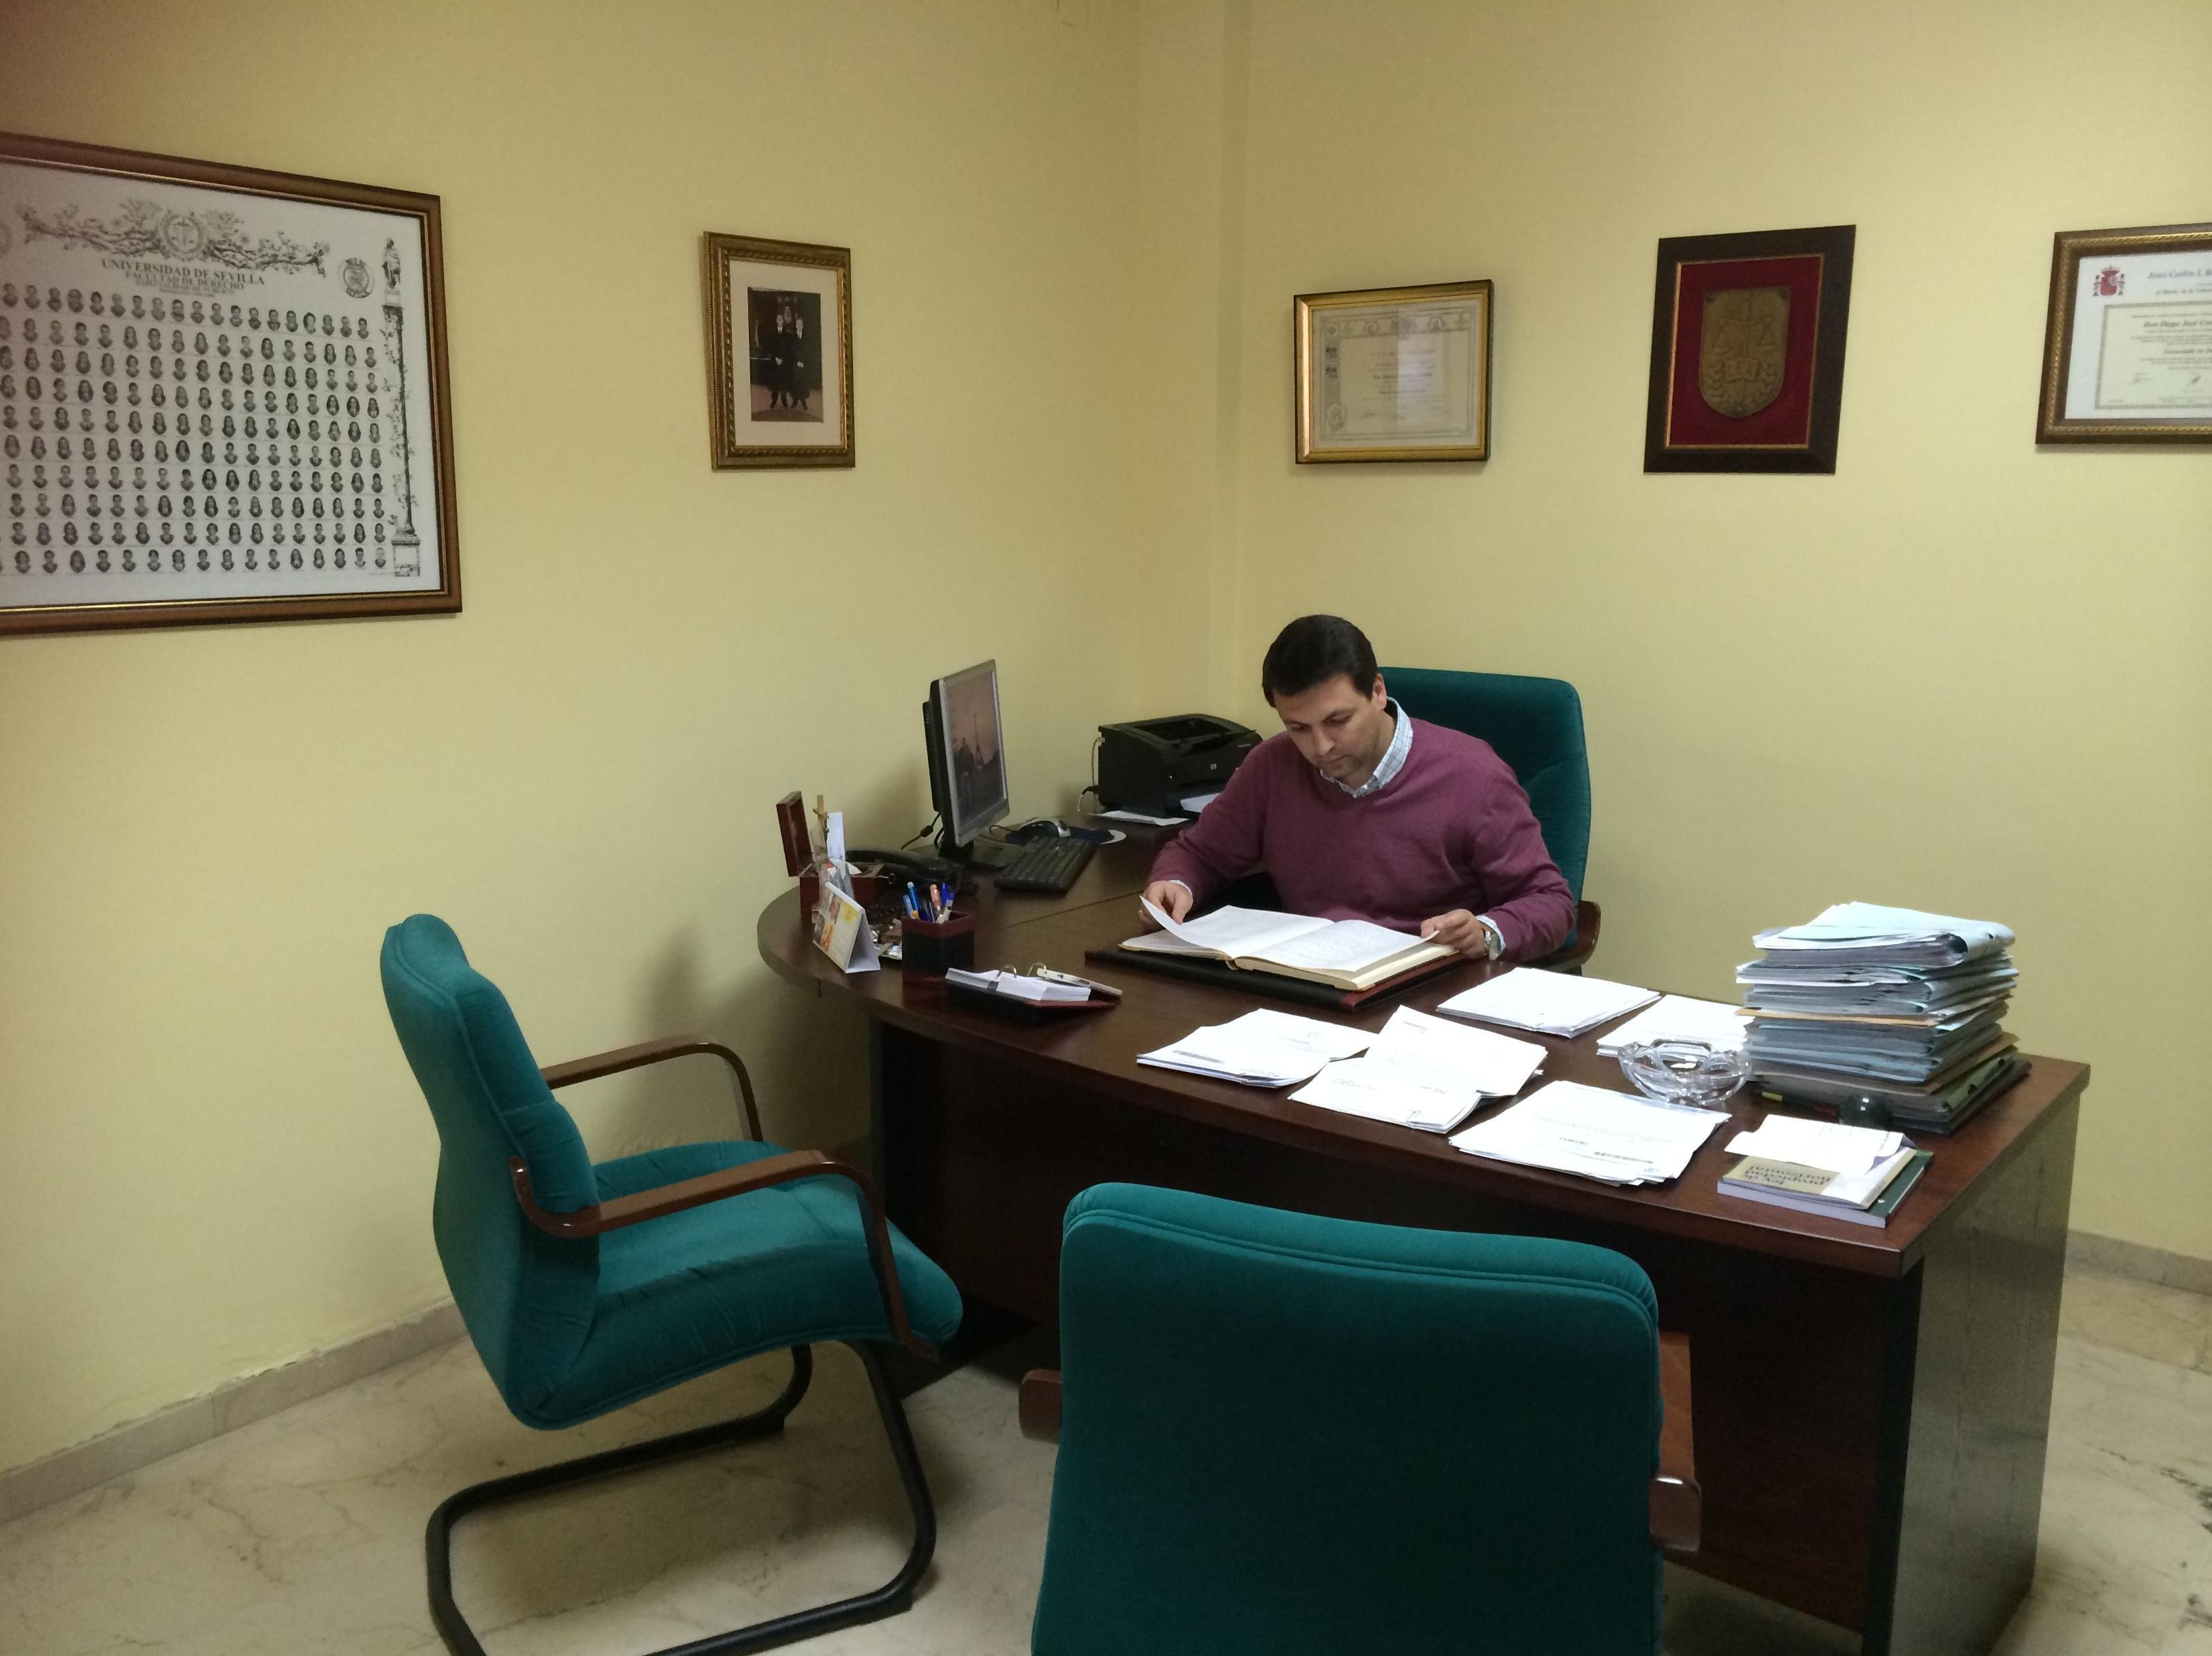 Foto 8 de Administración de fincas en Sevilla | CORREDOR MARTOS ASESORES, S.L